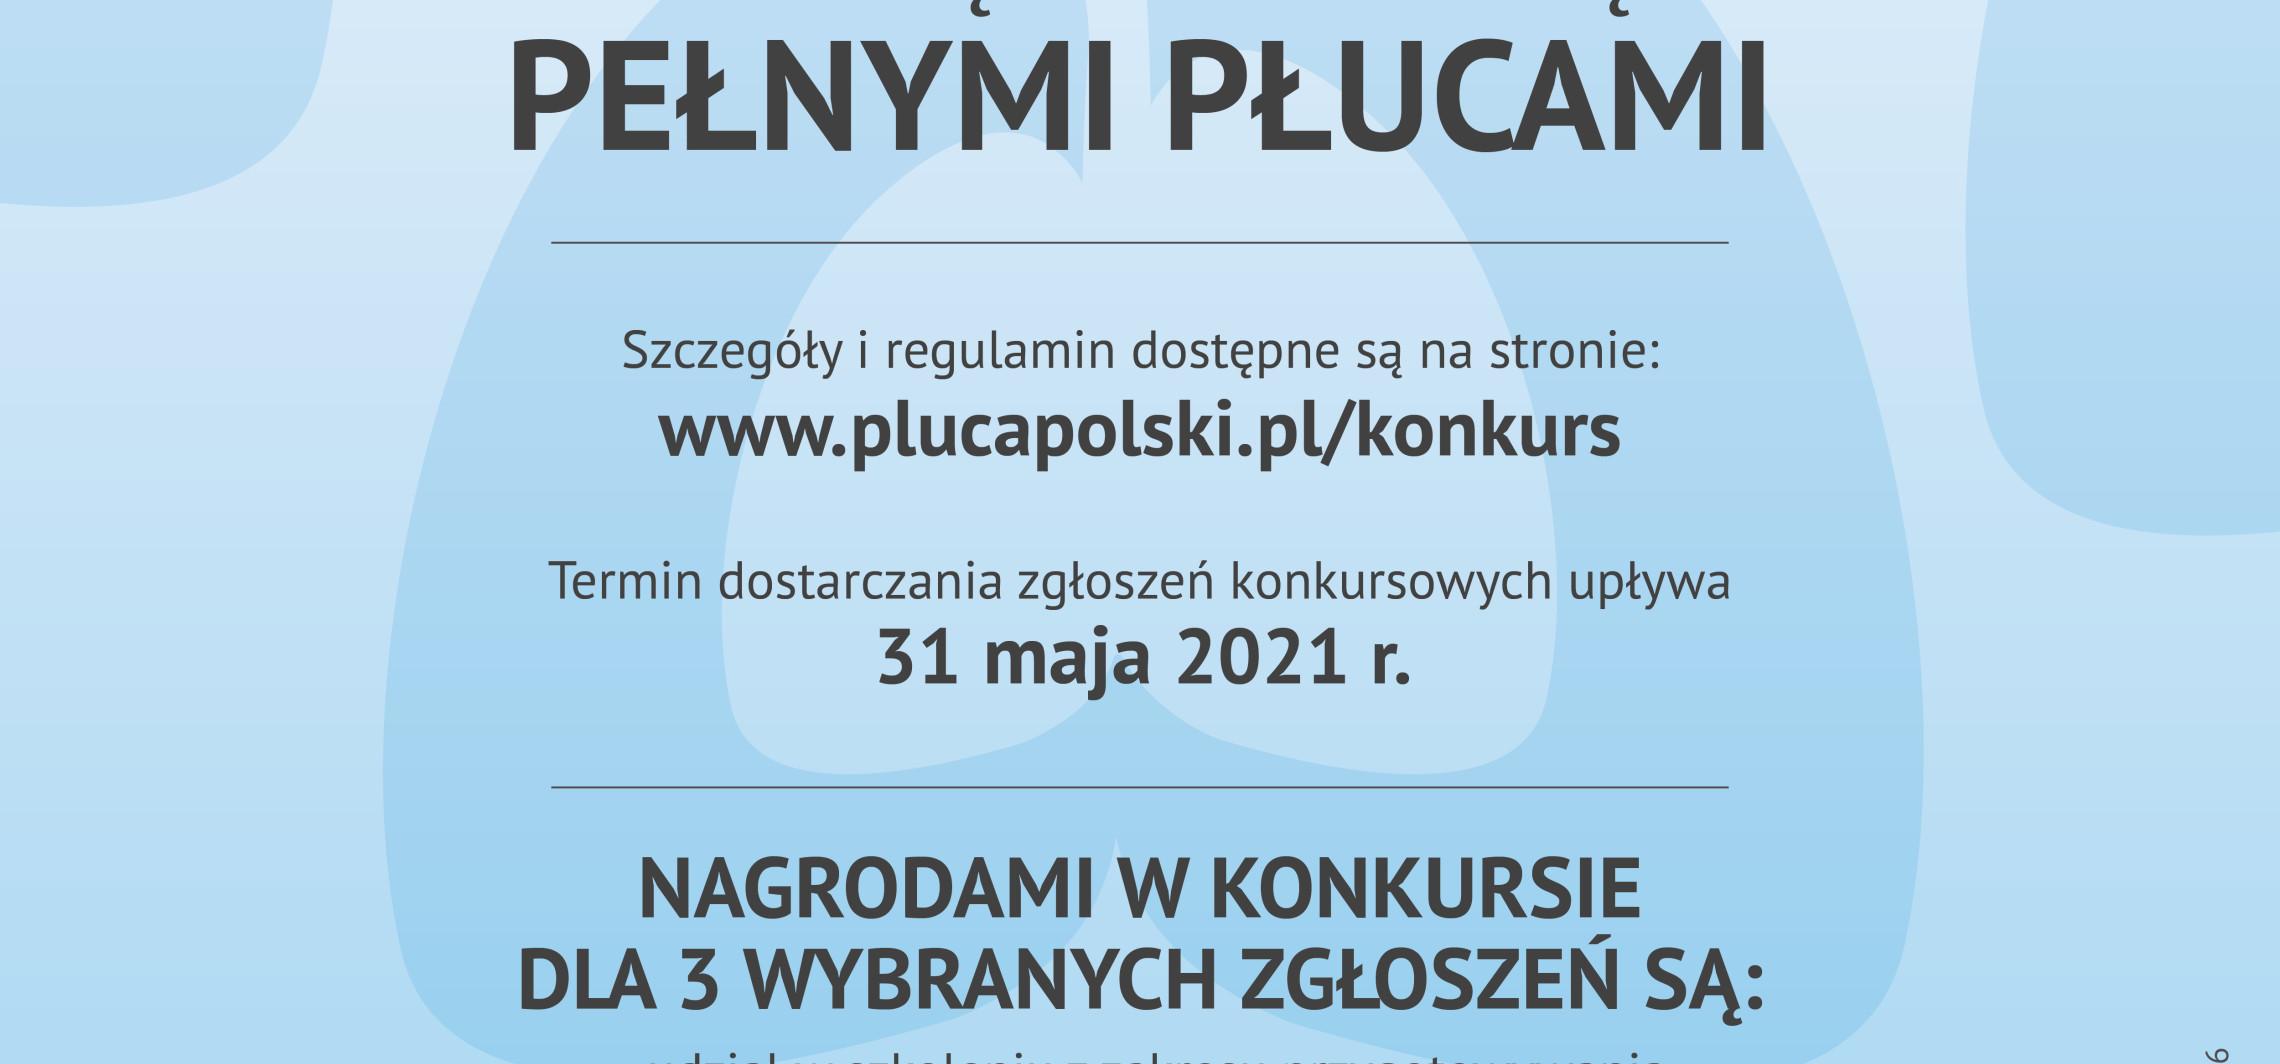 Kraj - Konkurs dla samorządów dbających o płuca swoich mieszkańców. Nagrodą m..in. możliwość wzięcia udziału w ciekawym szkoleniu